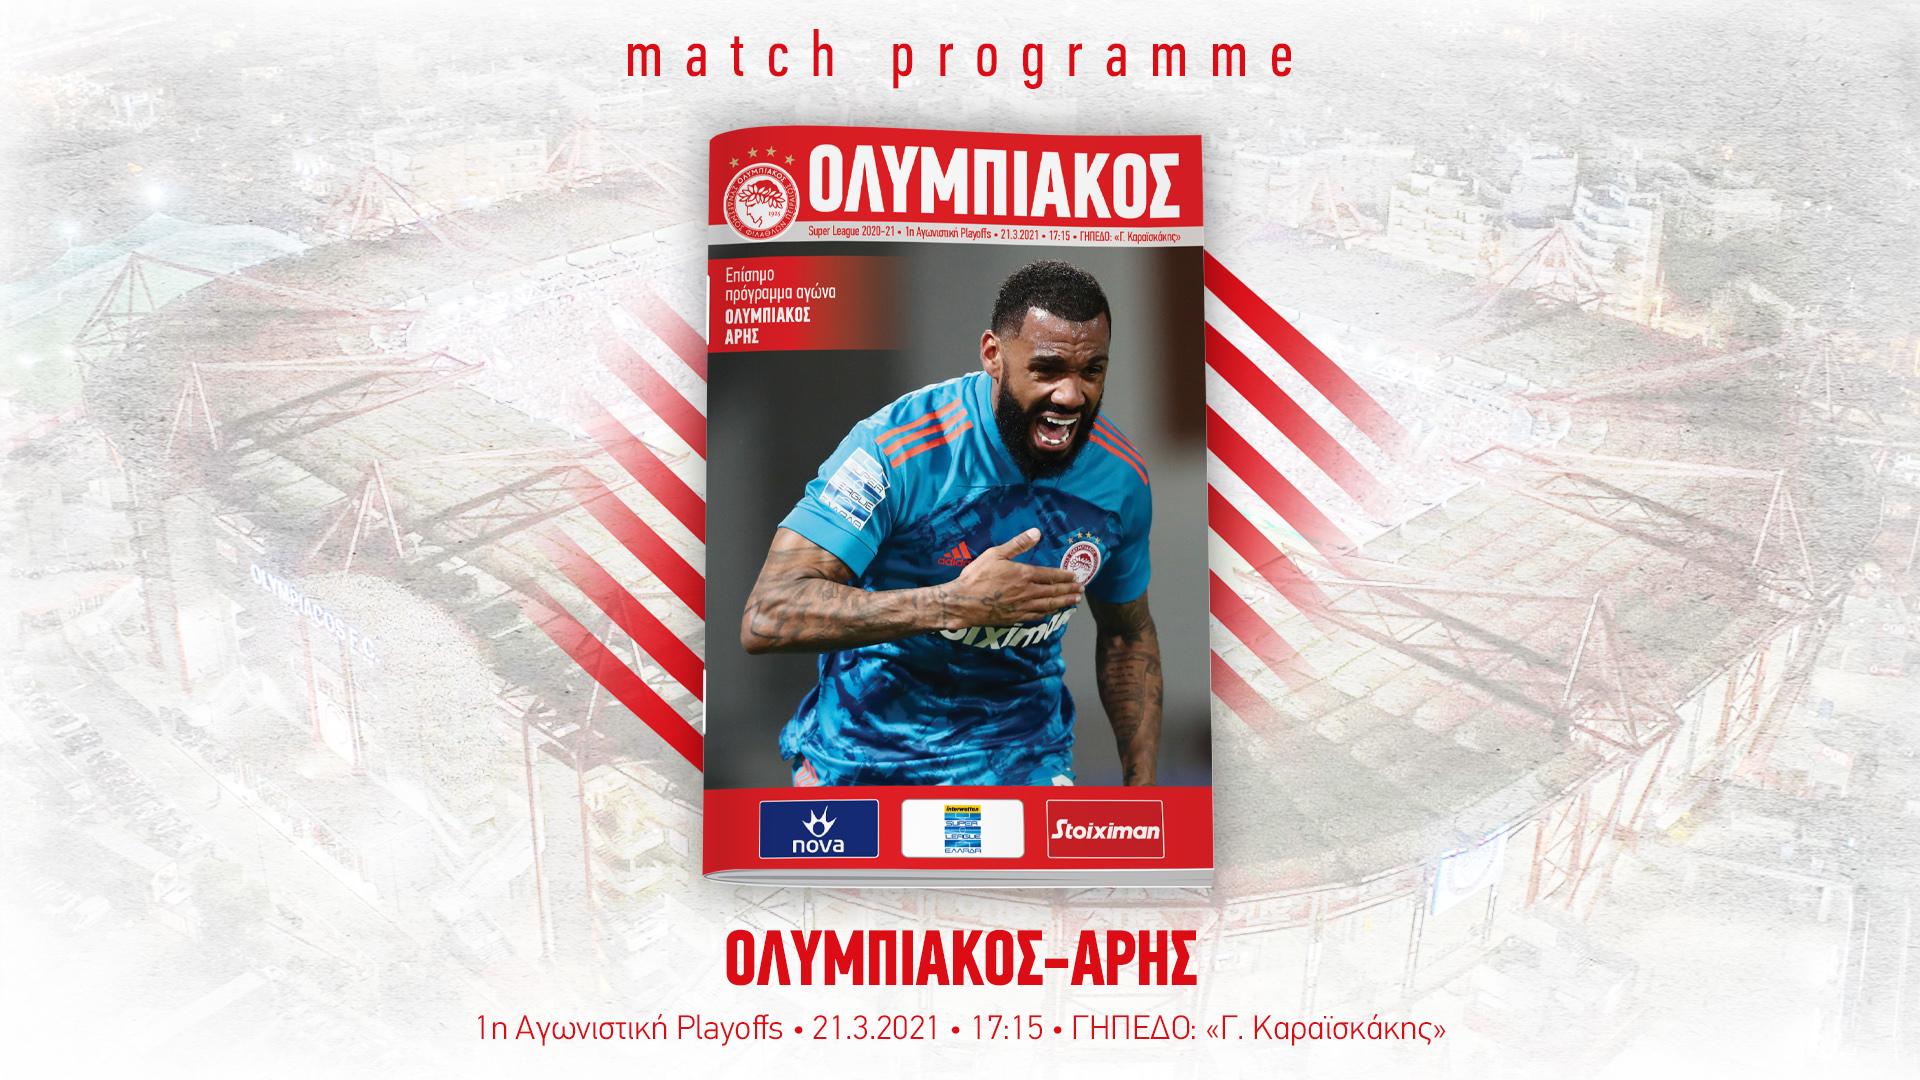 Το Match Programme του Ολυμπιακός-Άρης